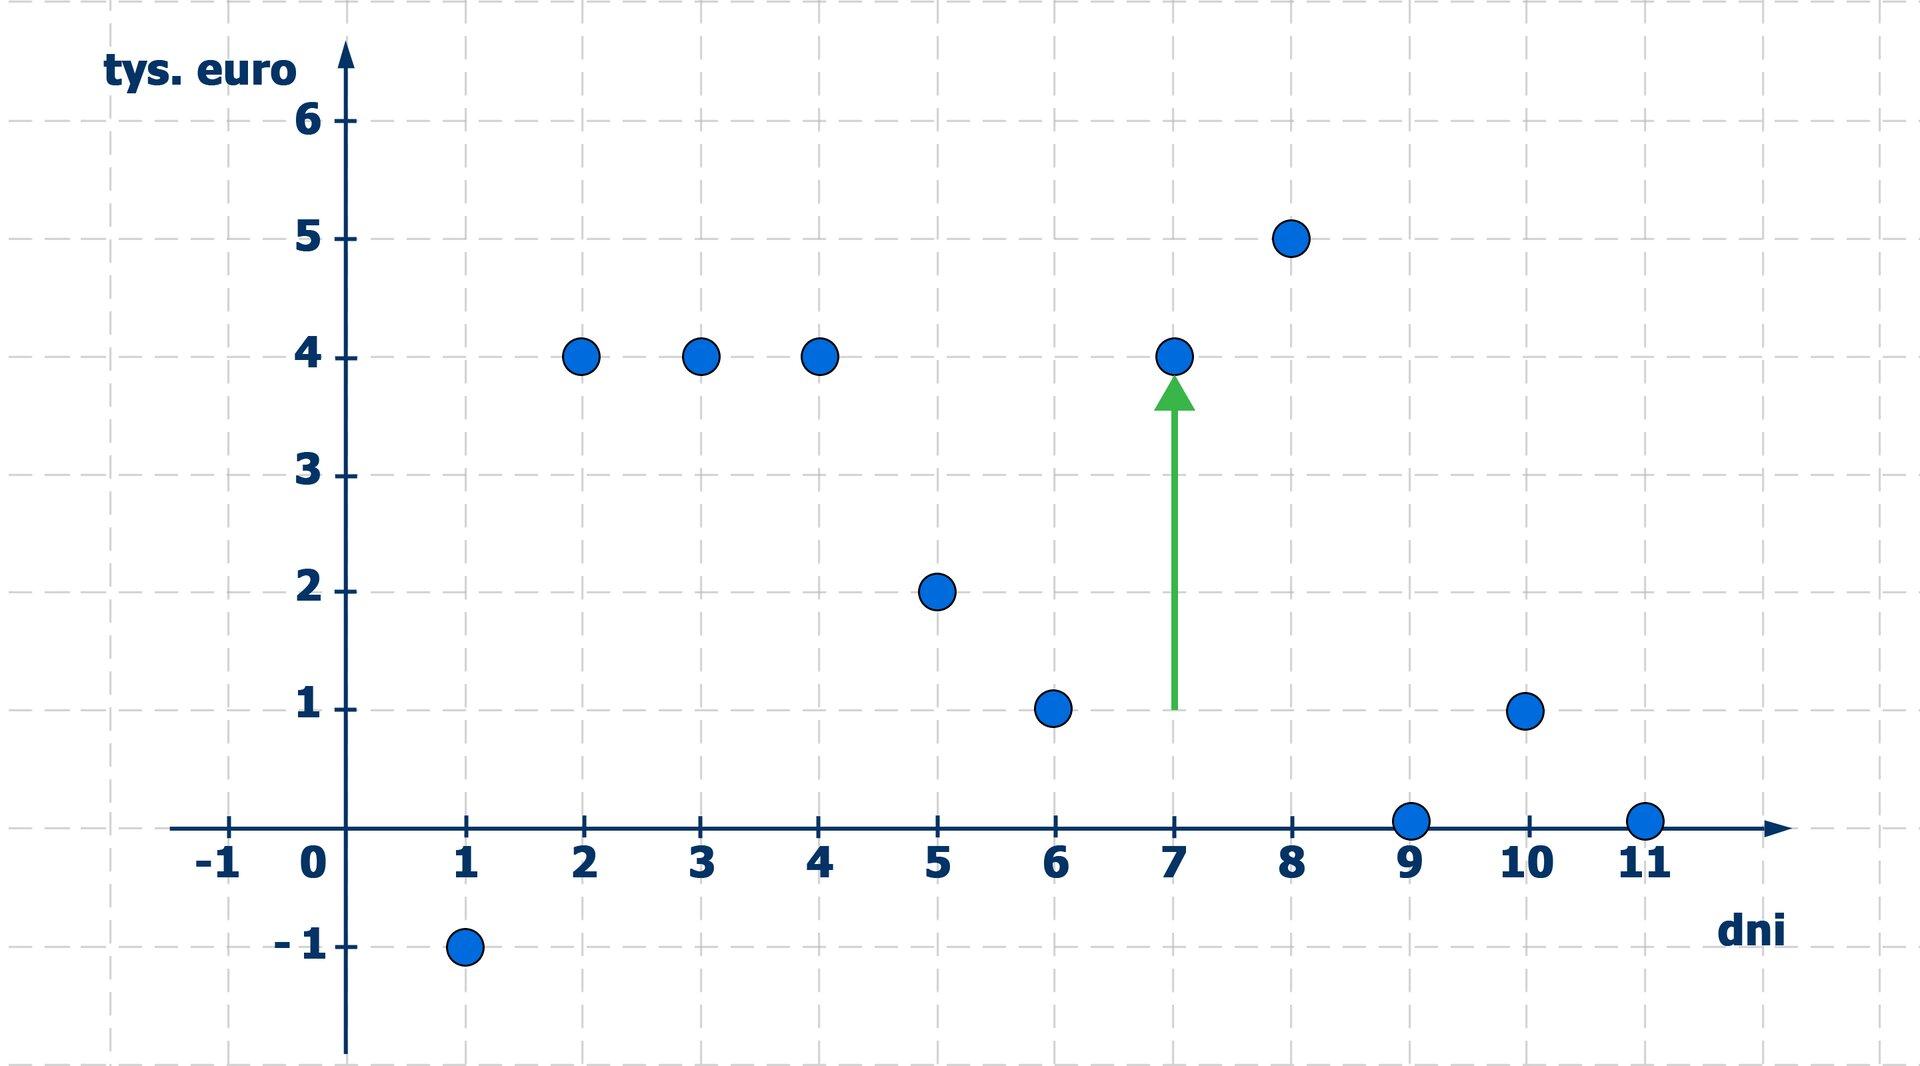 Wykres stanu konta, na którym strzałka skierowana wgórę pokazuje zasilenie stanu konta wsiódmym dniu miesiąca o3 tysiące euro.